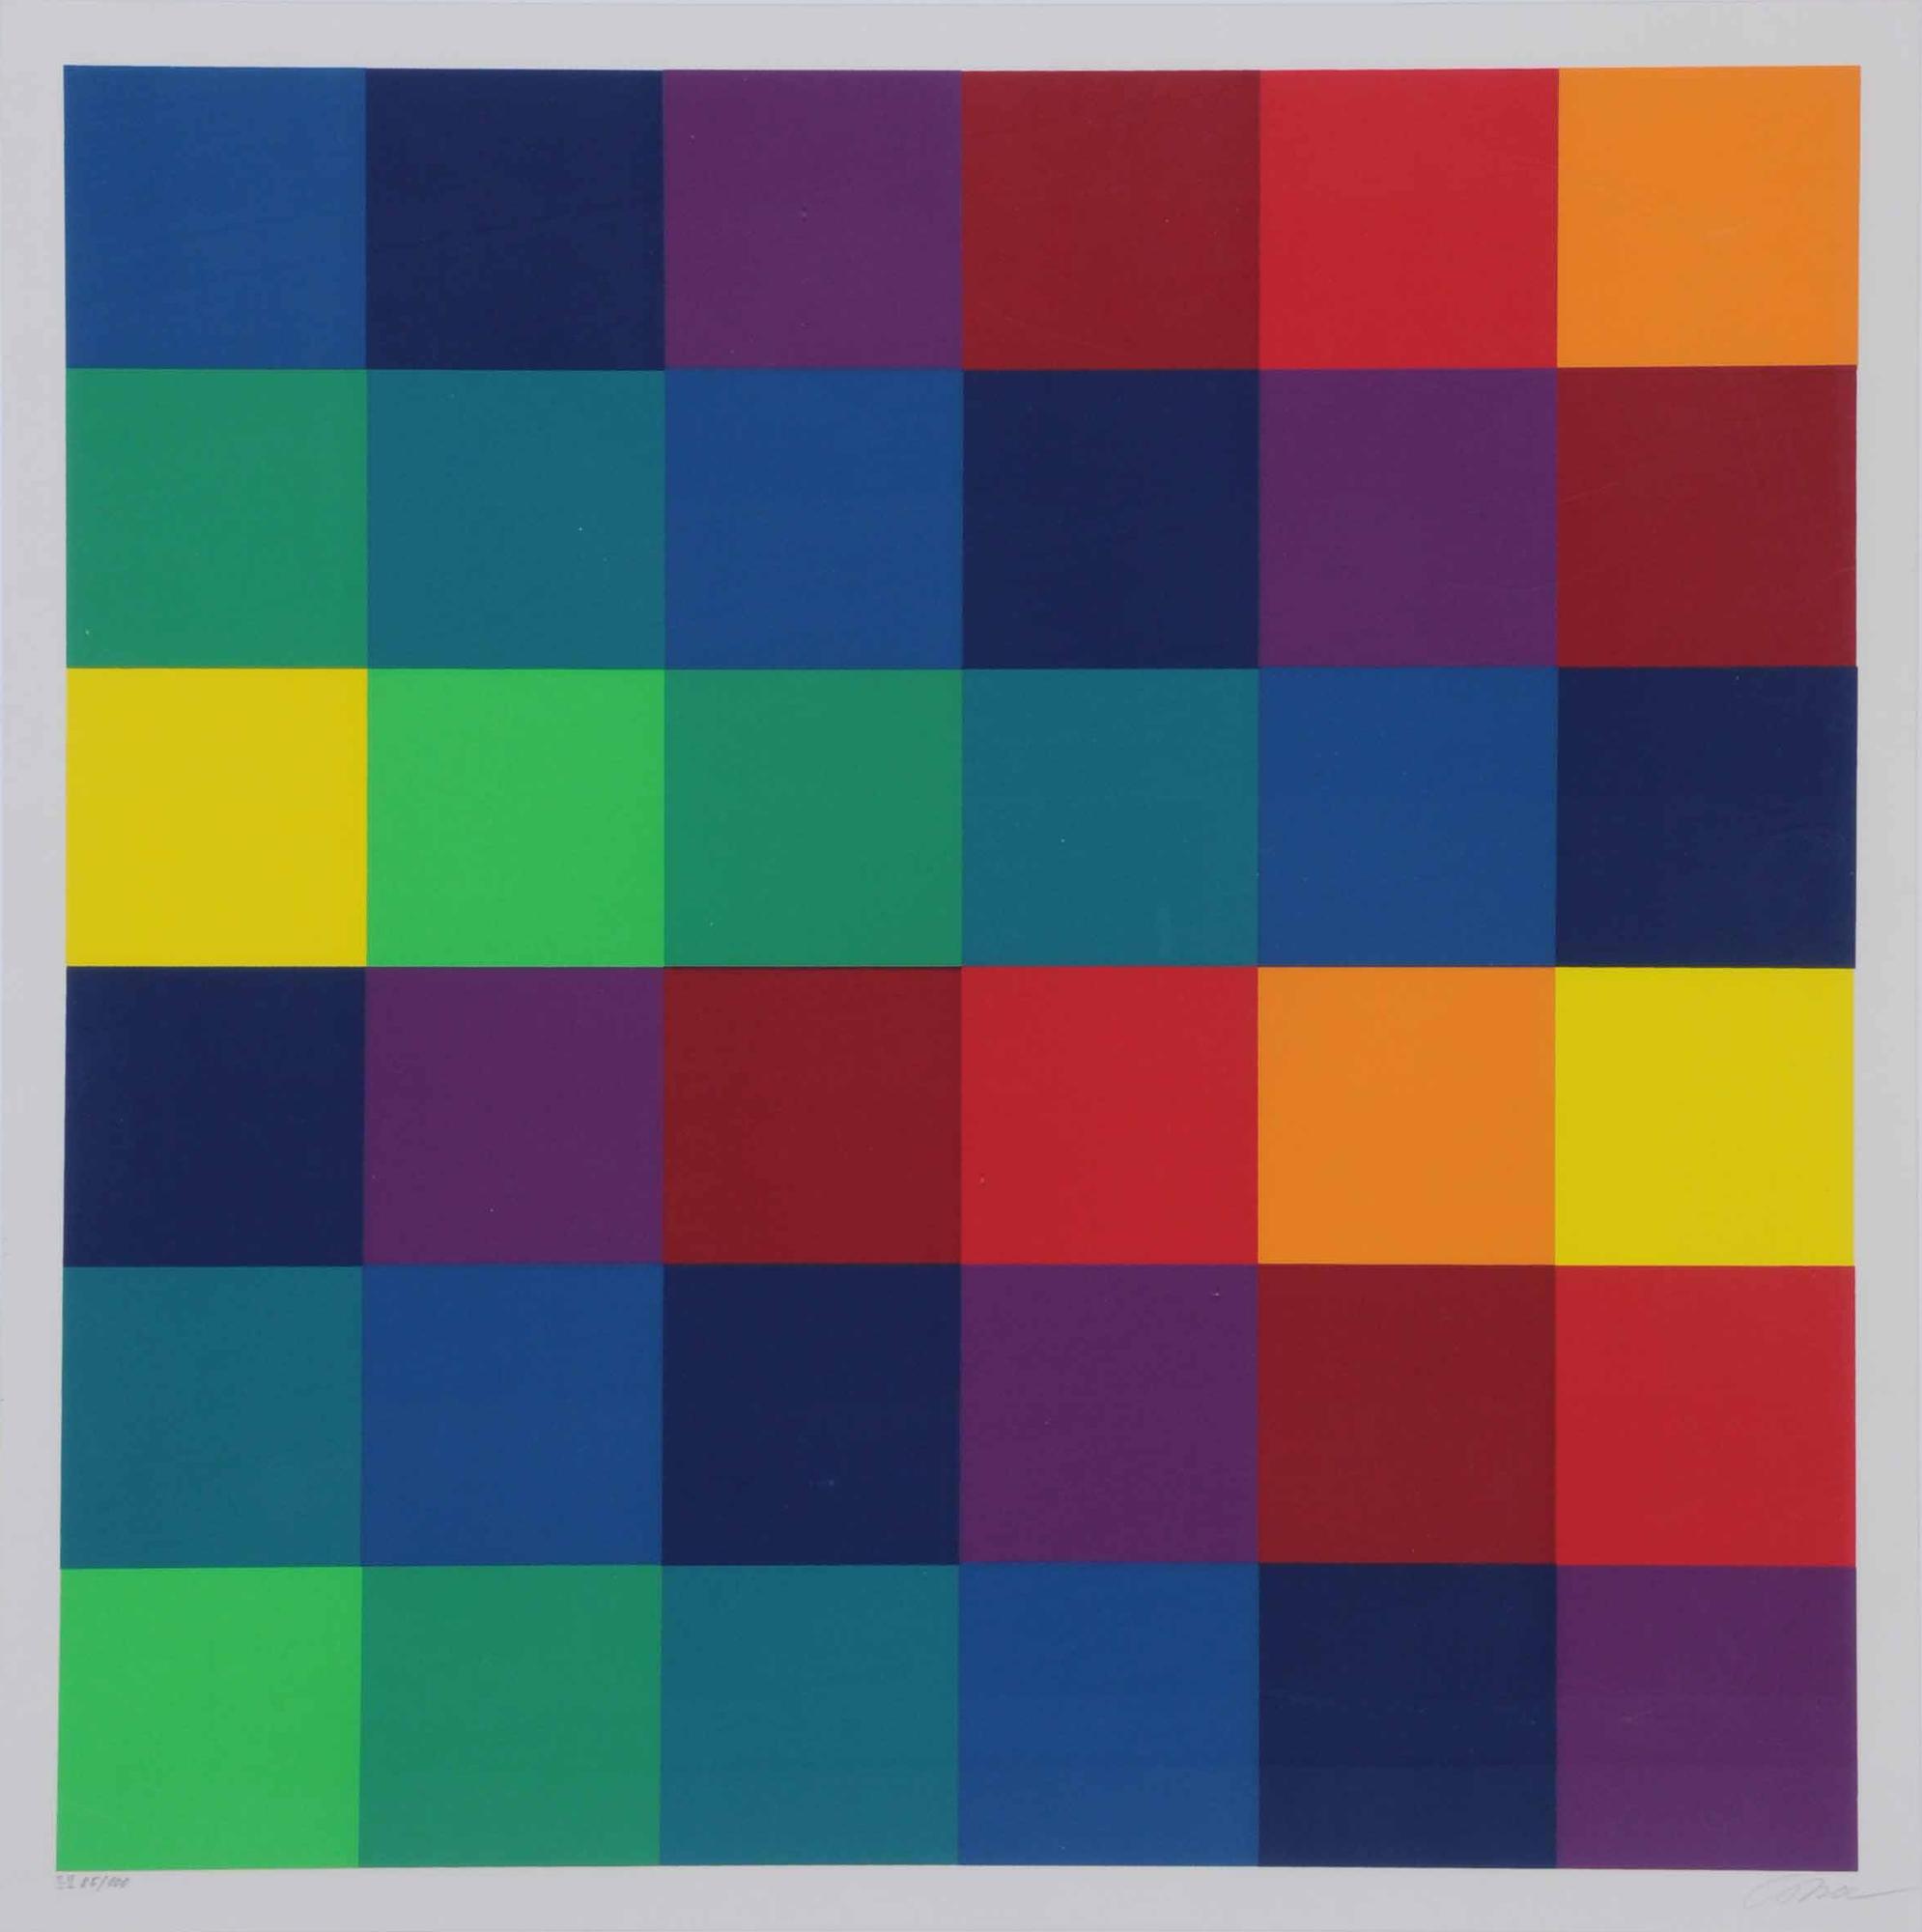 Lohse Richard Paul, Sechs systematische Farbreihen von gelb zu gelb 1967 (II-II) Zentrum